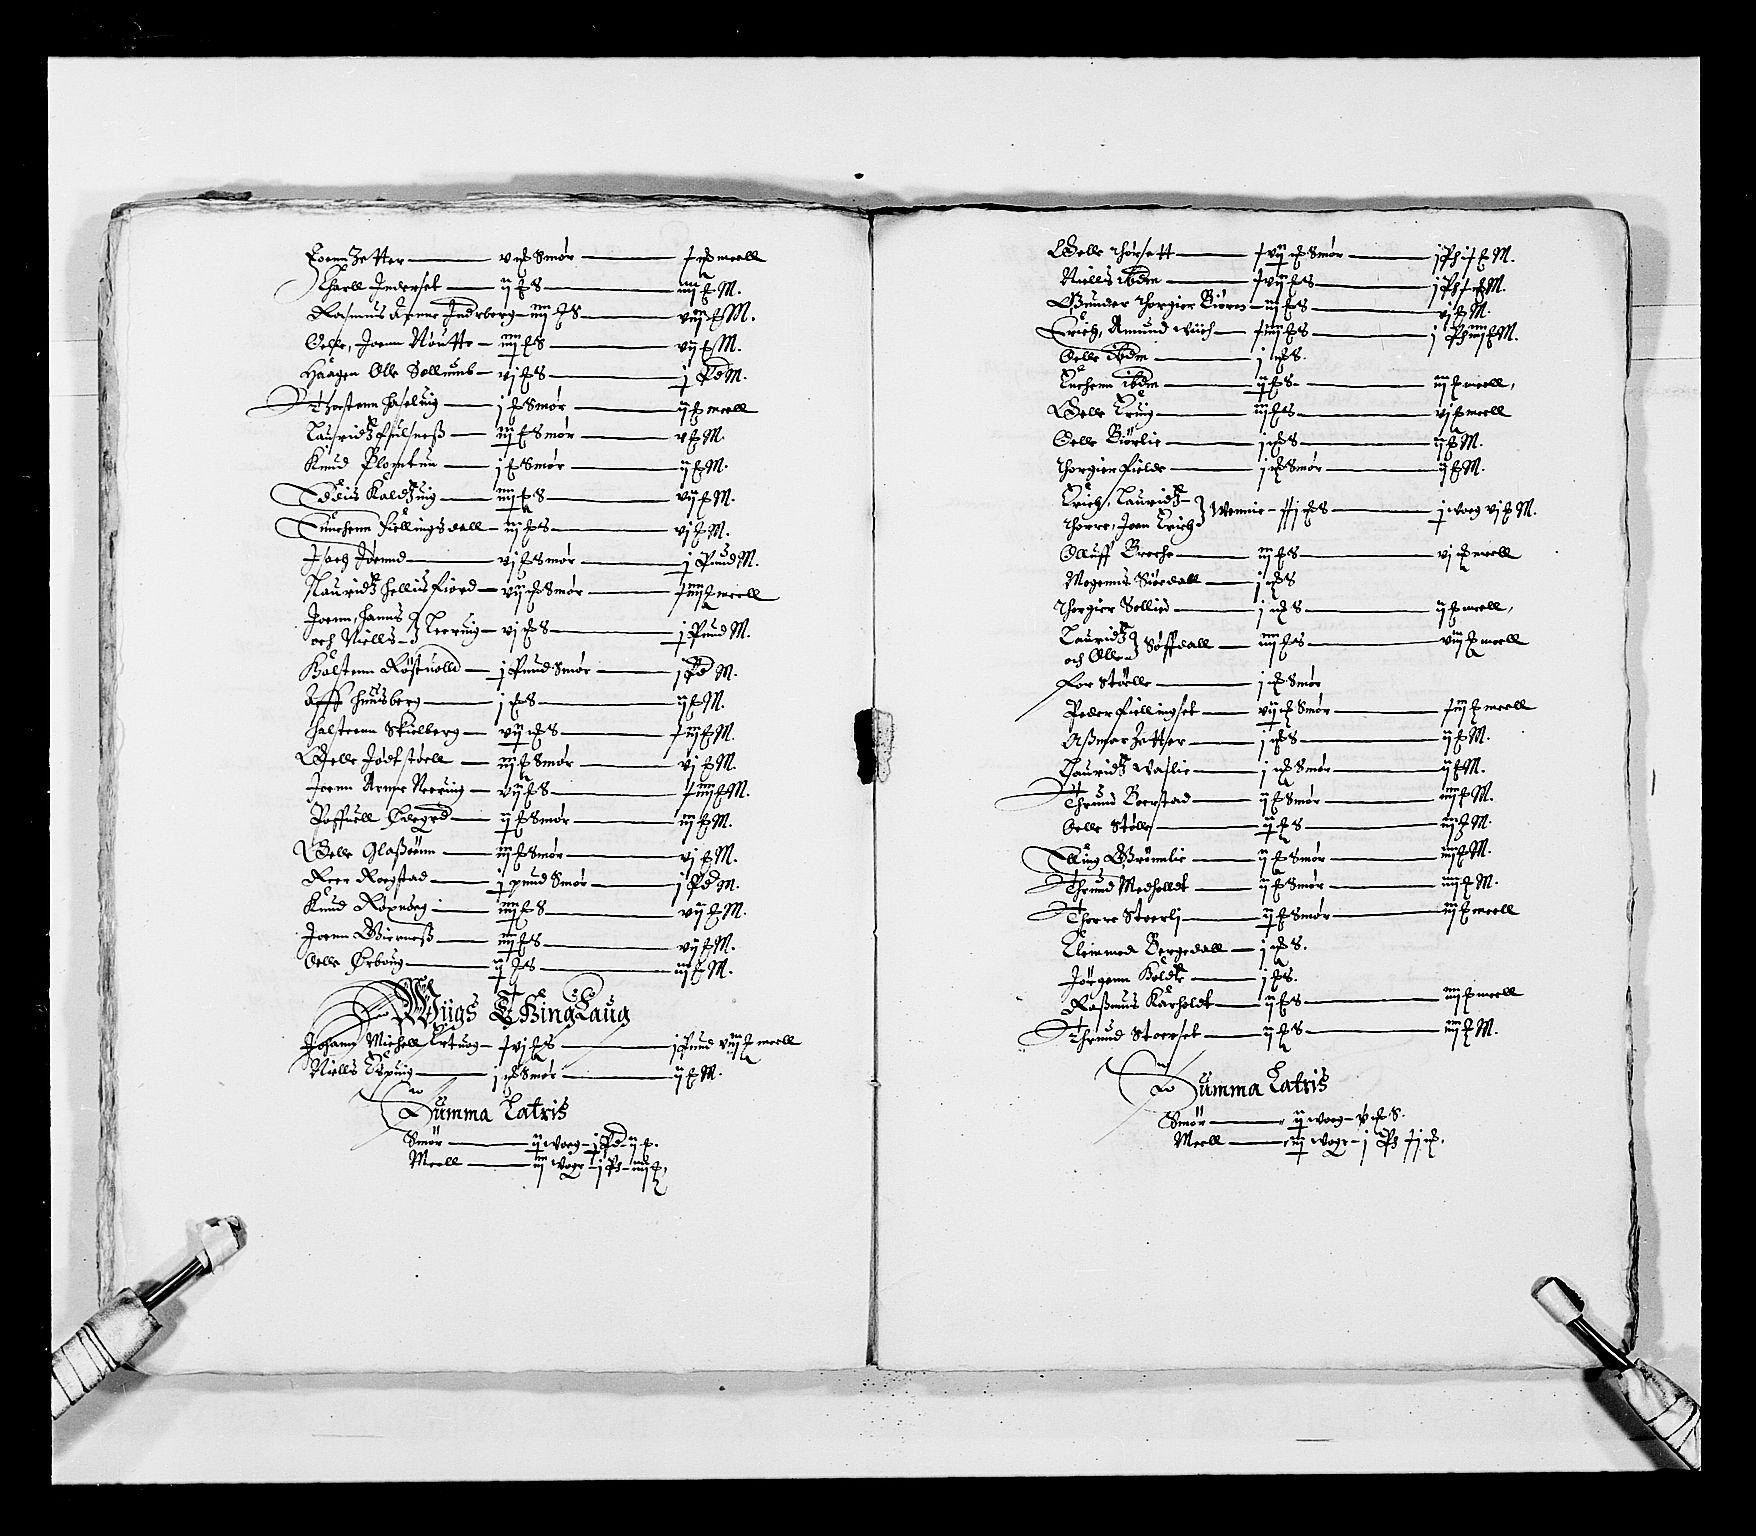 RA, Stattholderembetet 1572-1771, Ek/L0028: Jordebøker 1633-1658:, 1645-1646, s. 15